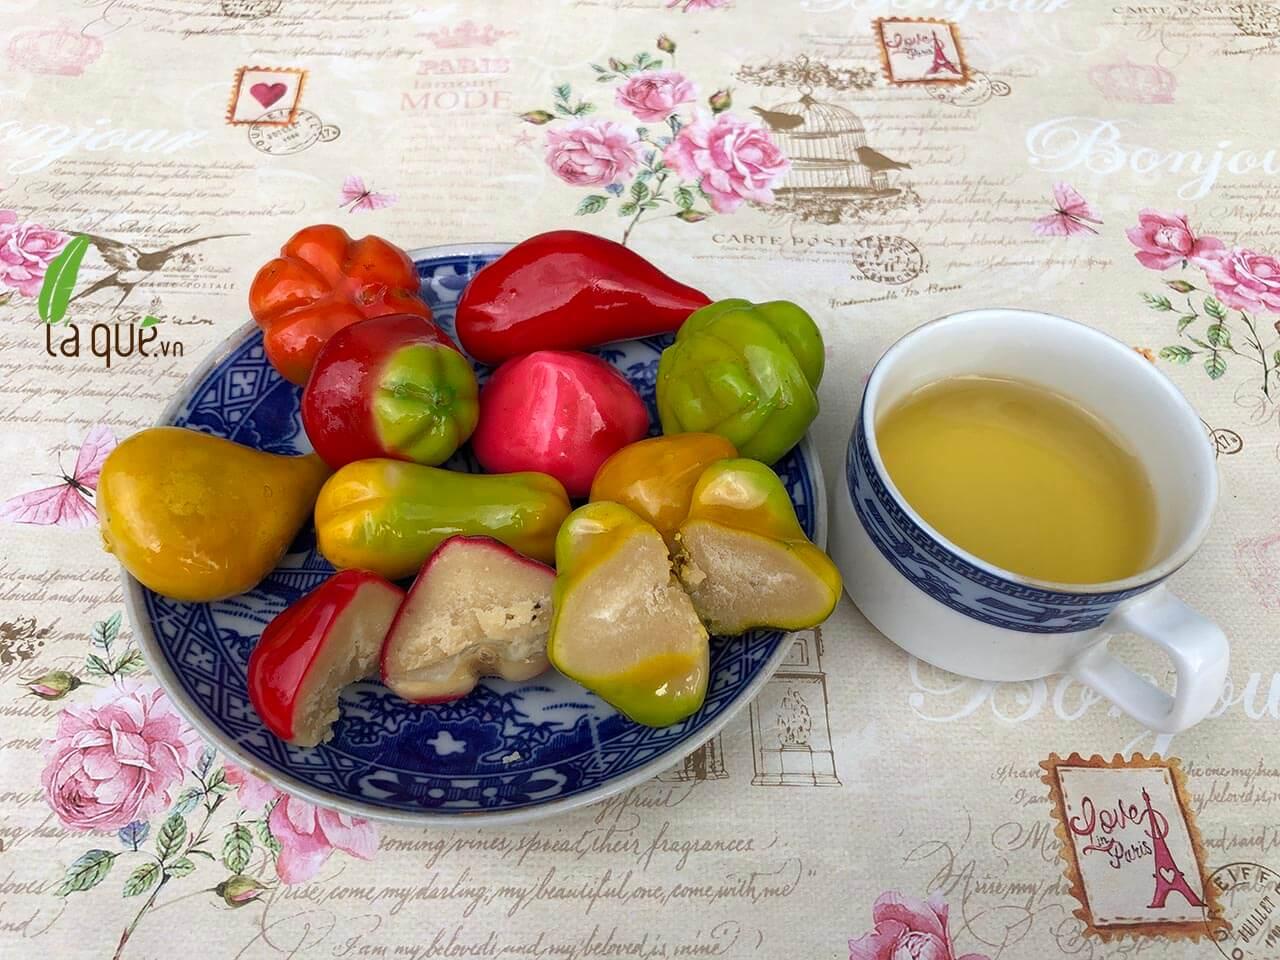 bánh đậu xanh trái cây, bánh trái cây đậu xanh, bánh đậu xanh hình trái cây, đặc sản huế, đặc sản lá quê, bánh huế, bánh lá quê